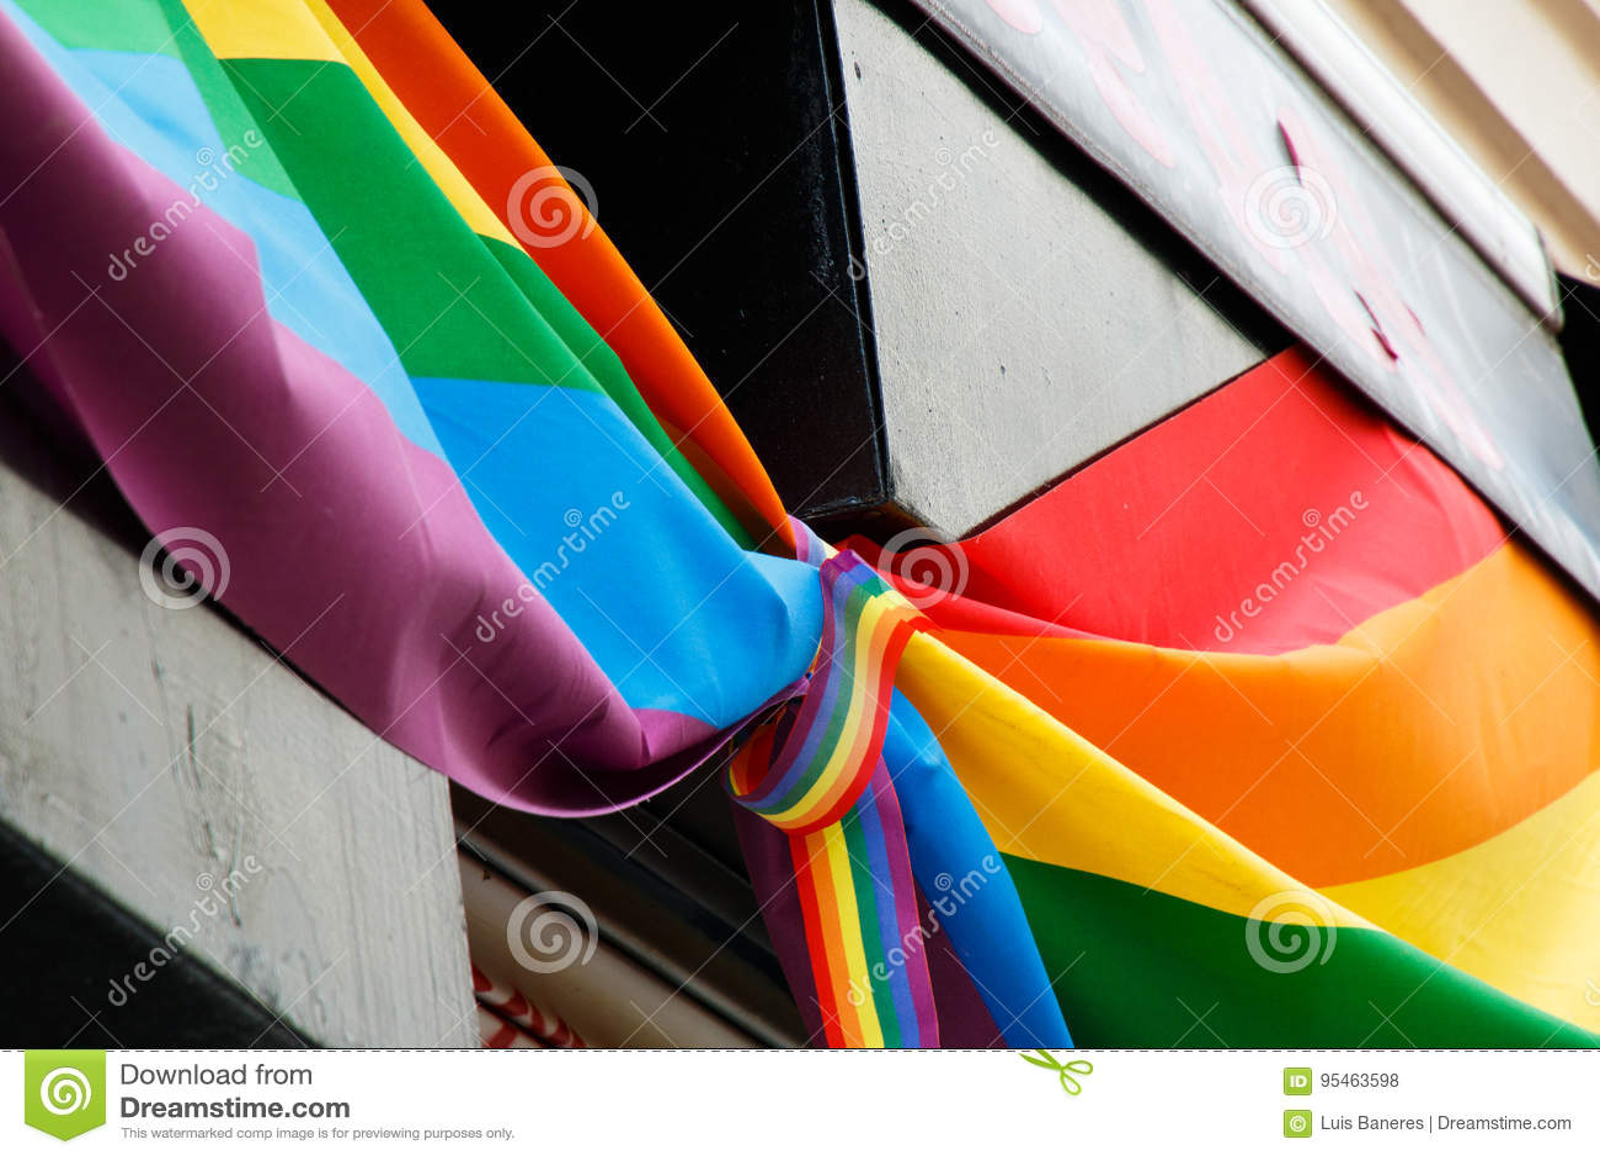 Gay pride tie